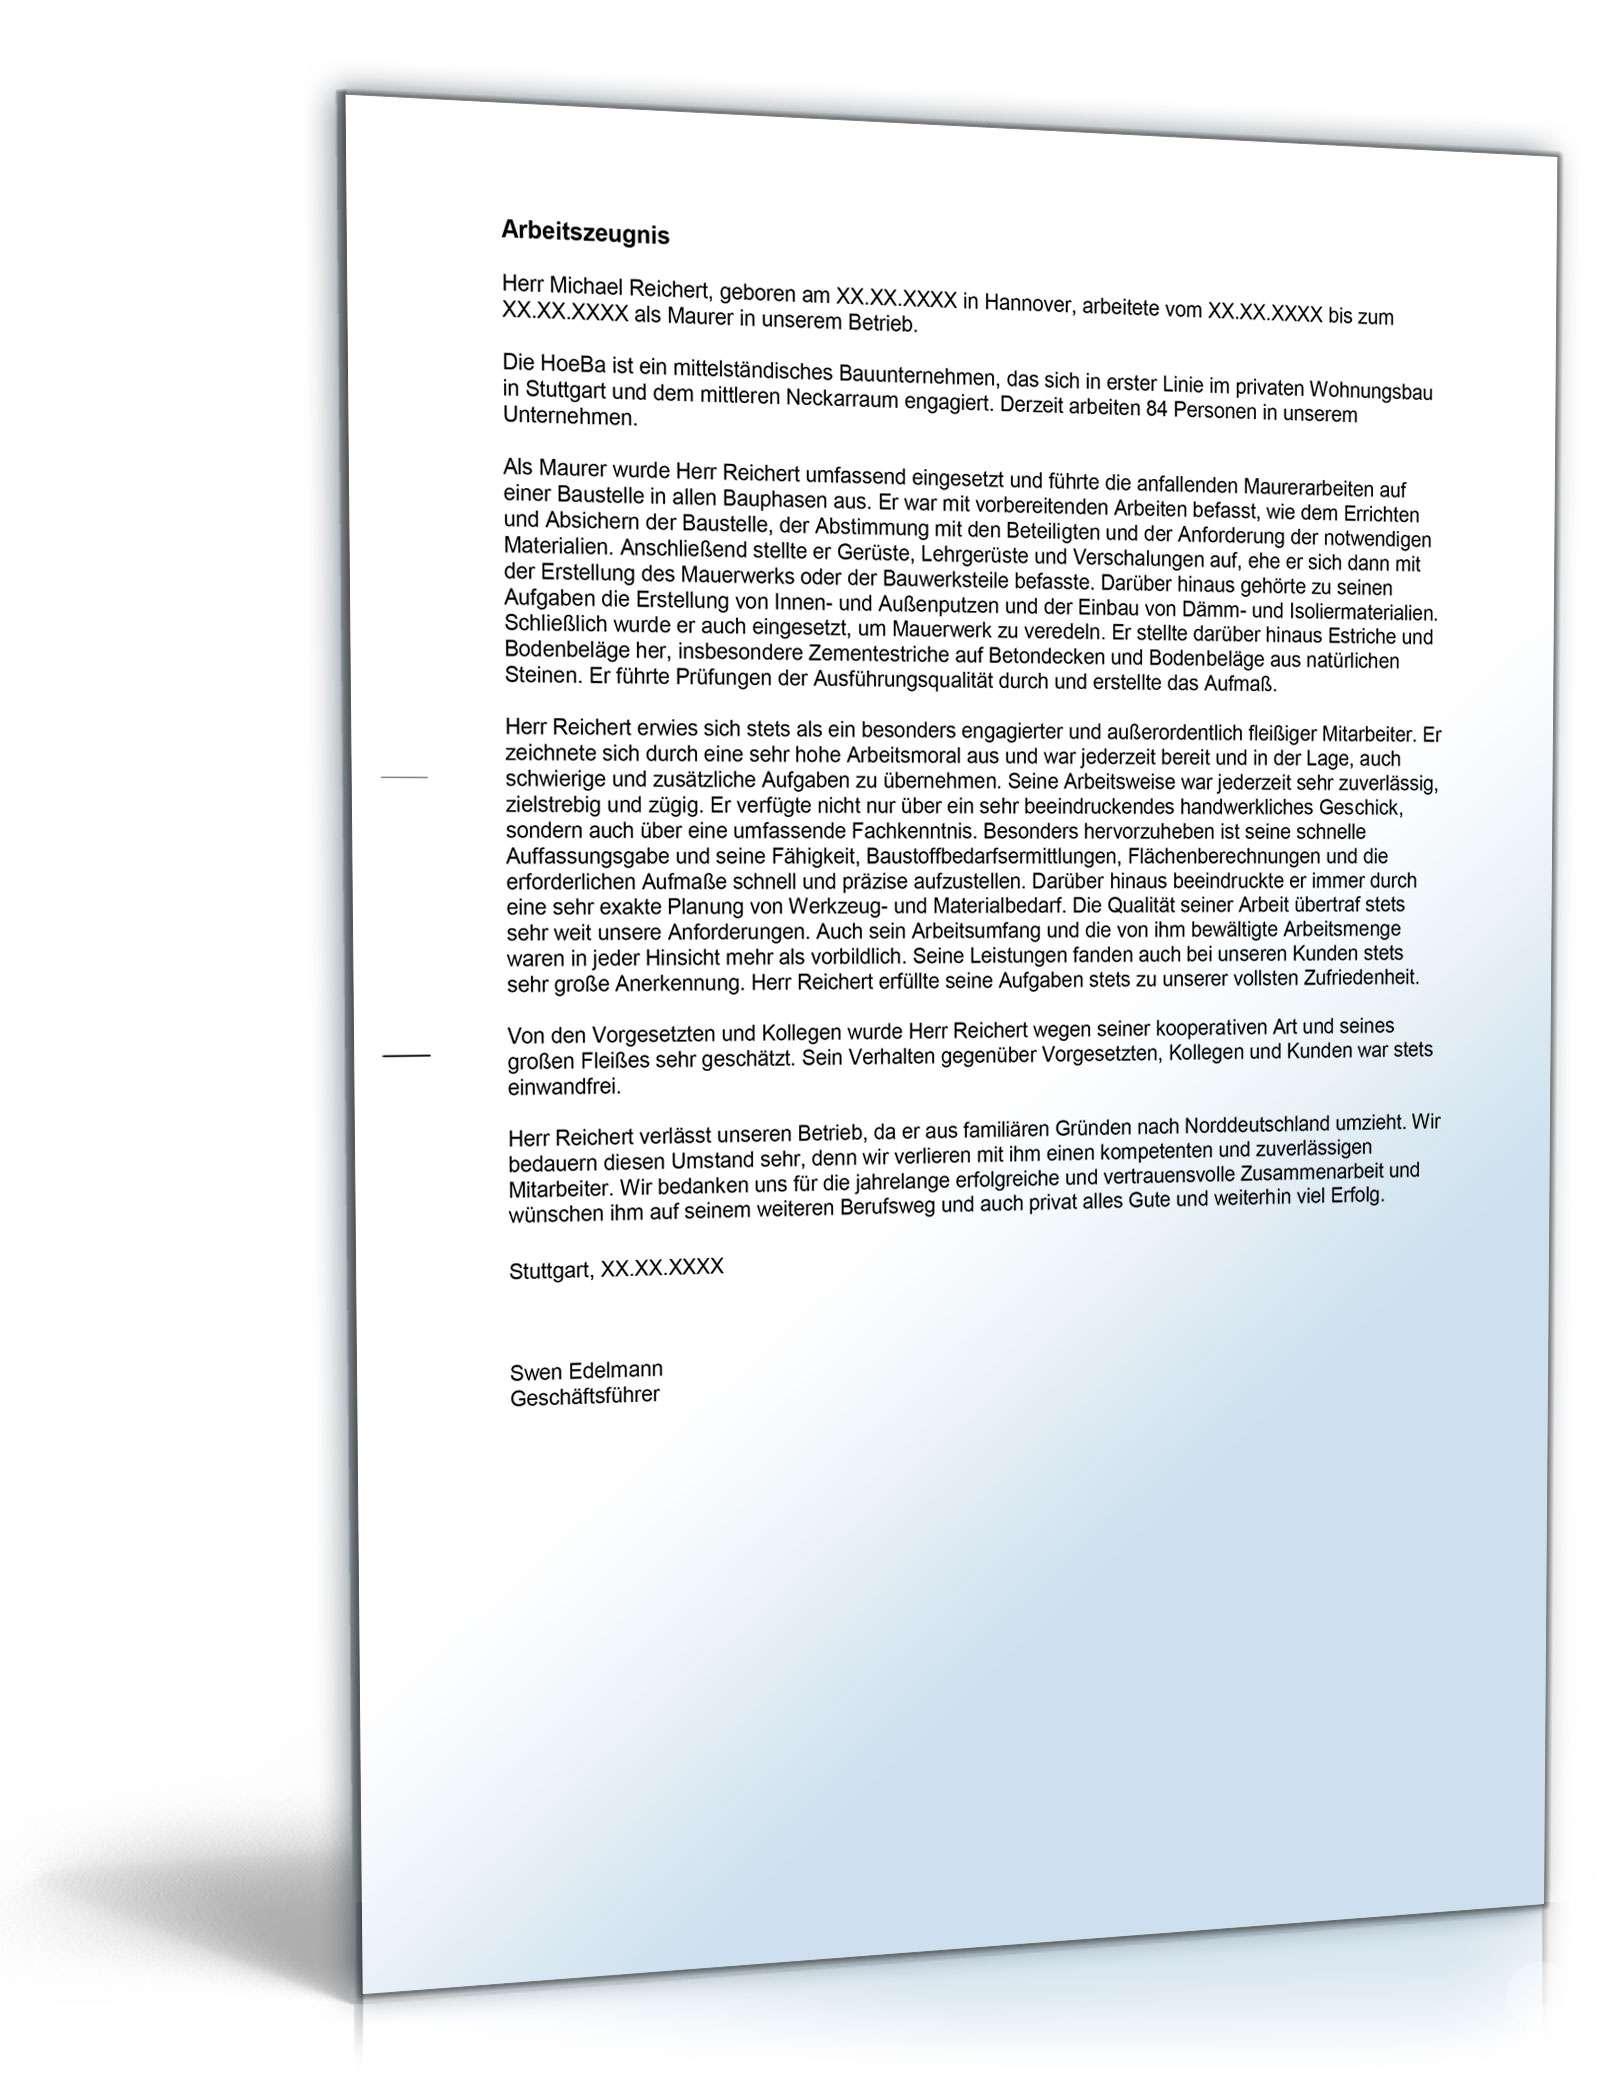 Arbeitszeugnis Maurer Rechtssichere Muster Zum Download